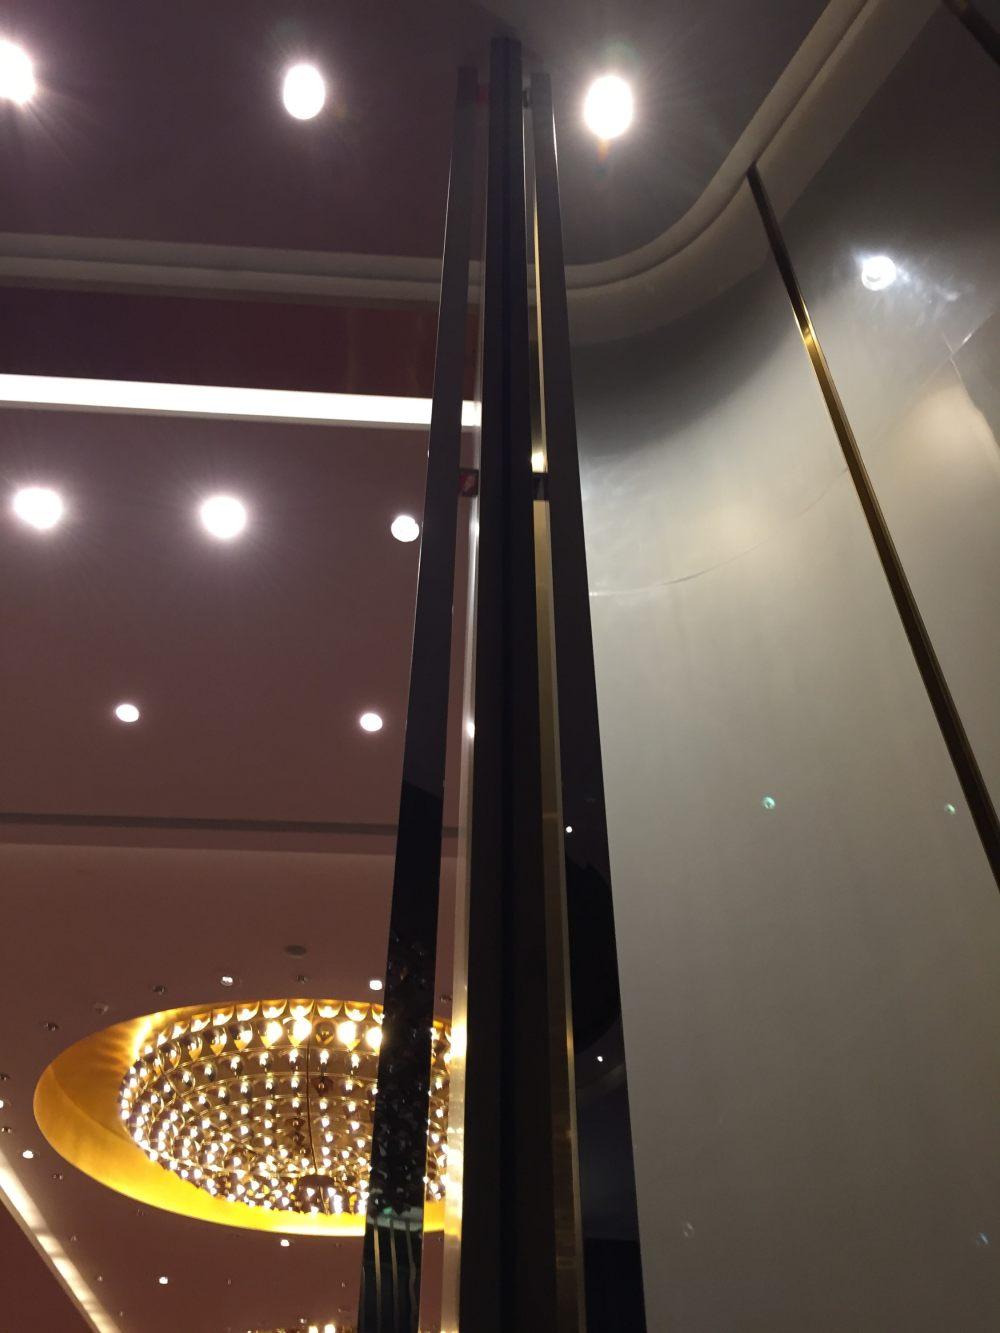 上海外滩W酒店,史上最全入住体验 自拍分享,申请置...._IMG_6125.JPG